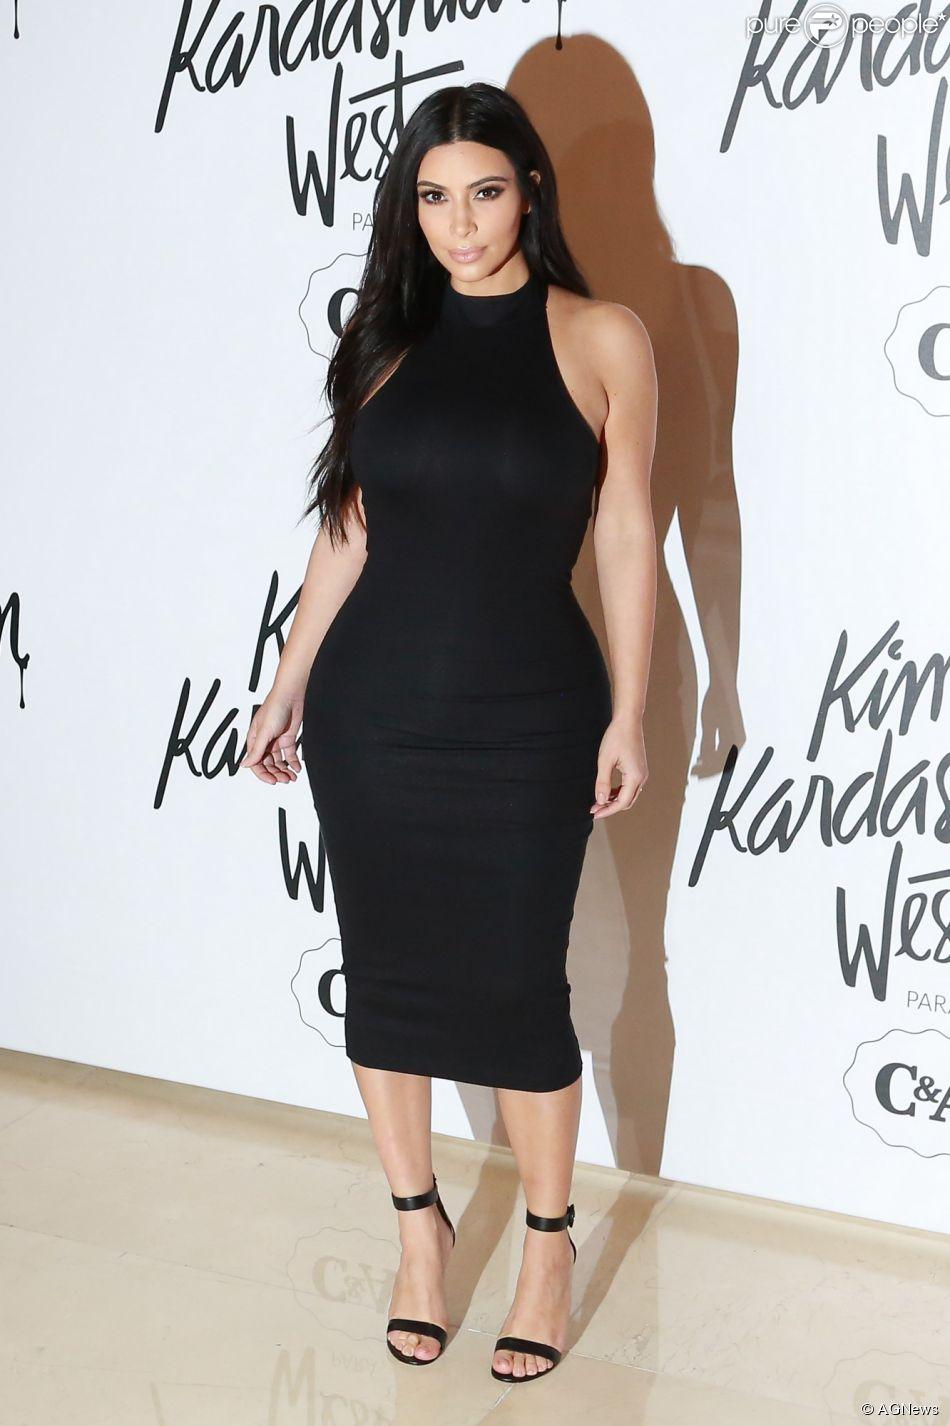 Kim kardashian com vestido preto e branco